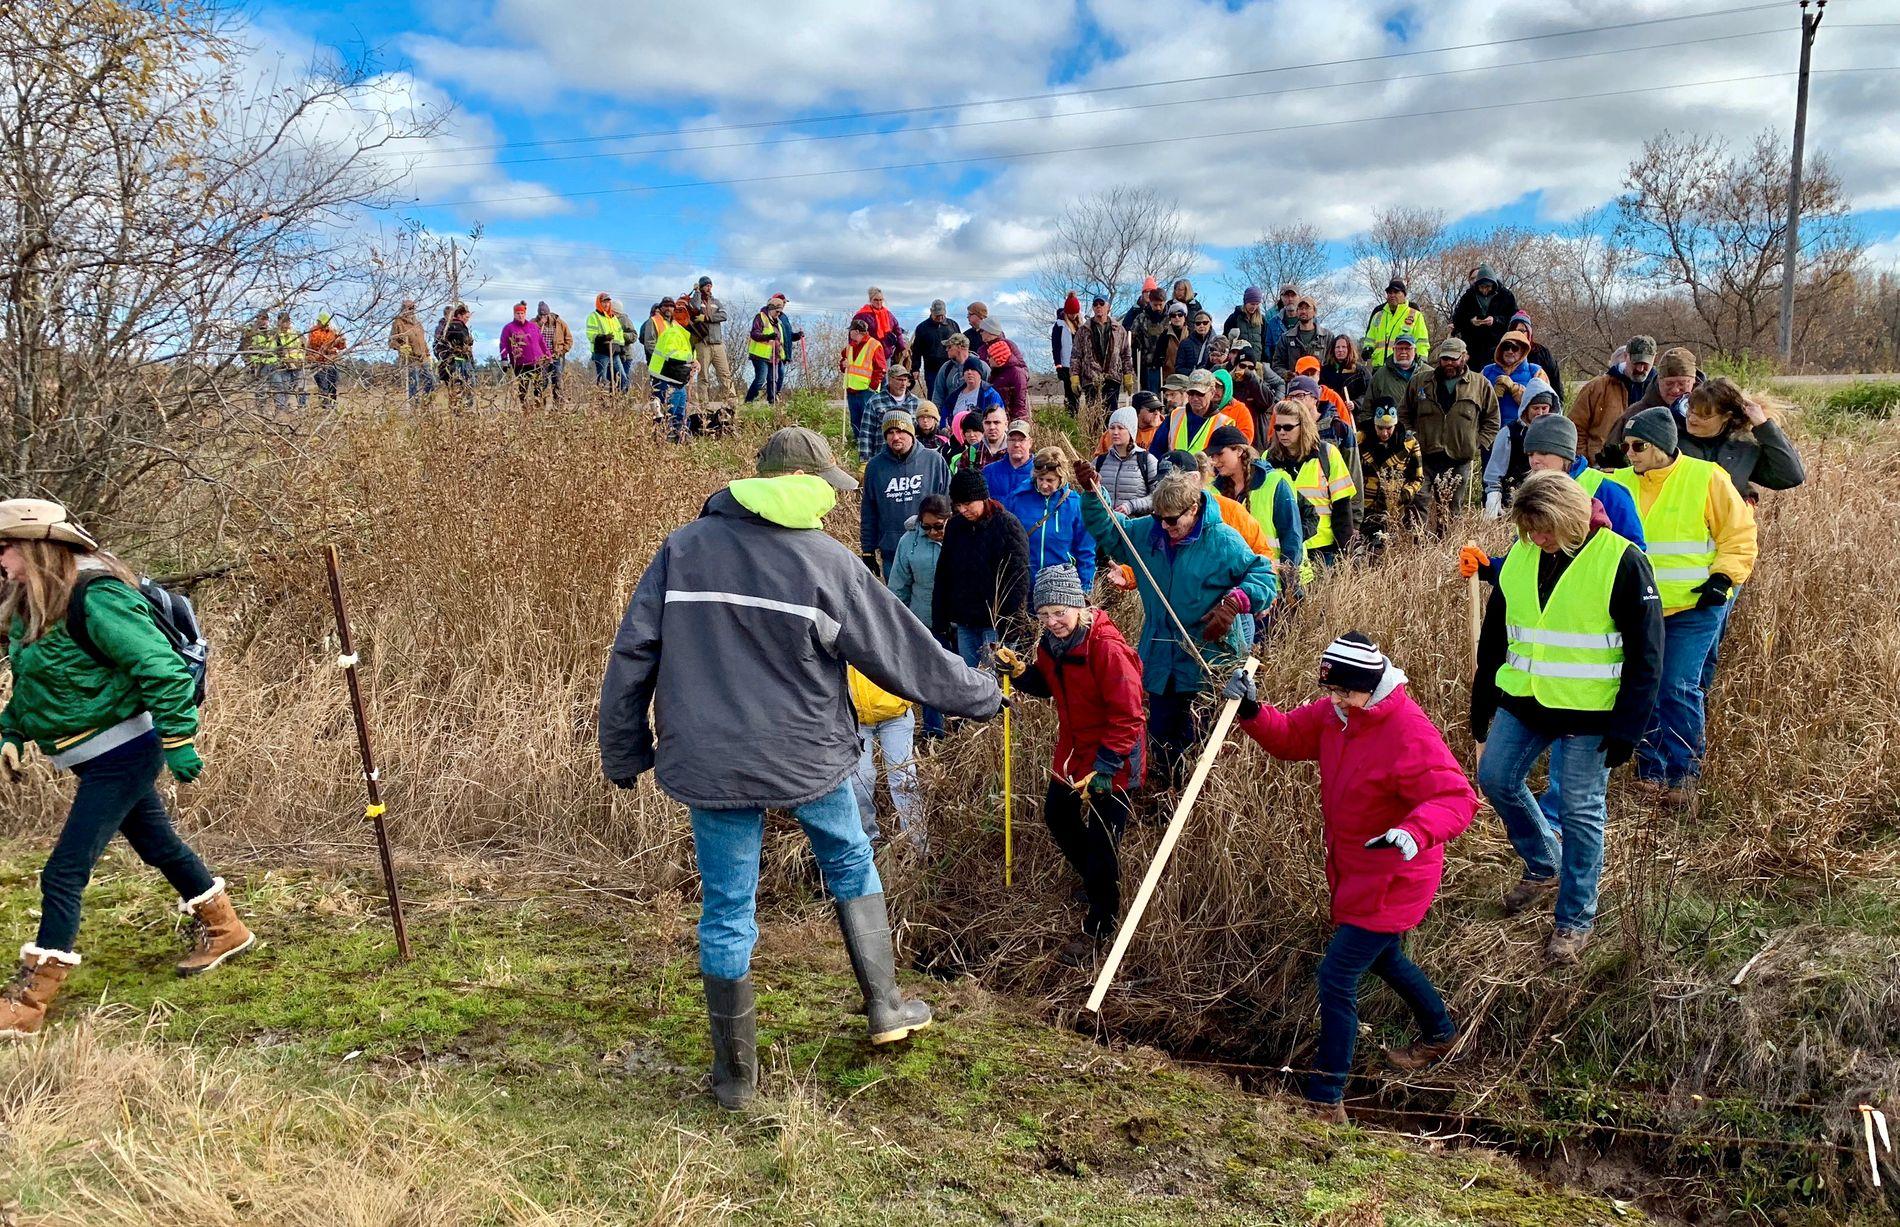 MASSIV LETEAKSJON: I flere måneder har lokale frivillige stilt opp for å lete etter 13-åringen. Dette bildet er fra oktober, nær hjembyen Barron.